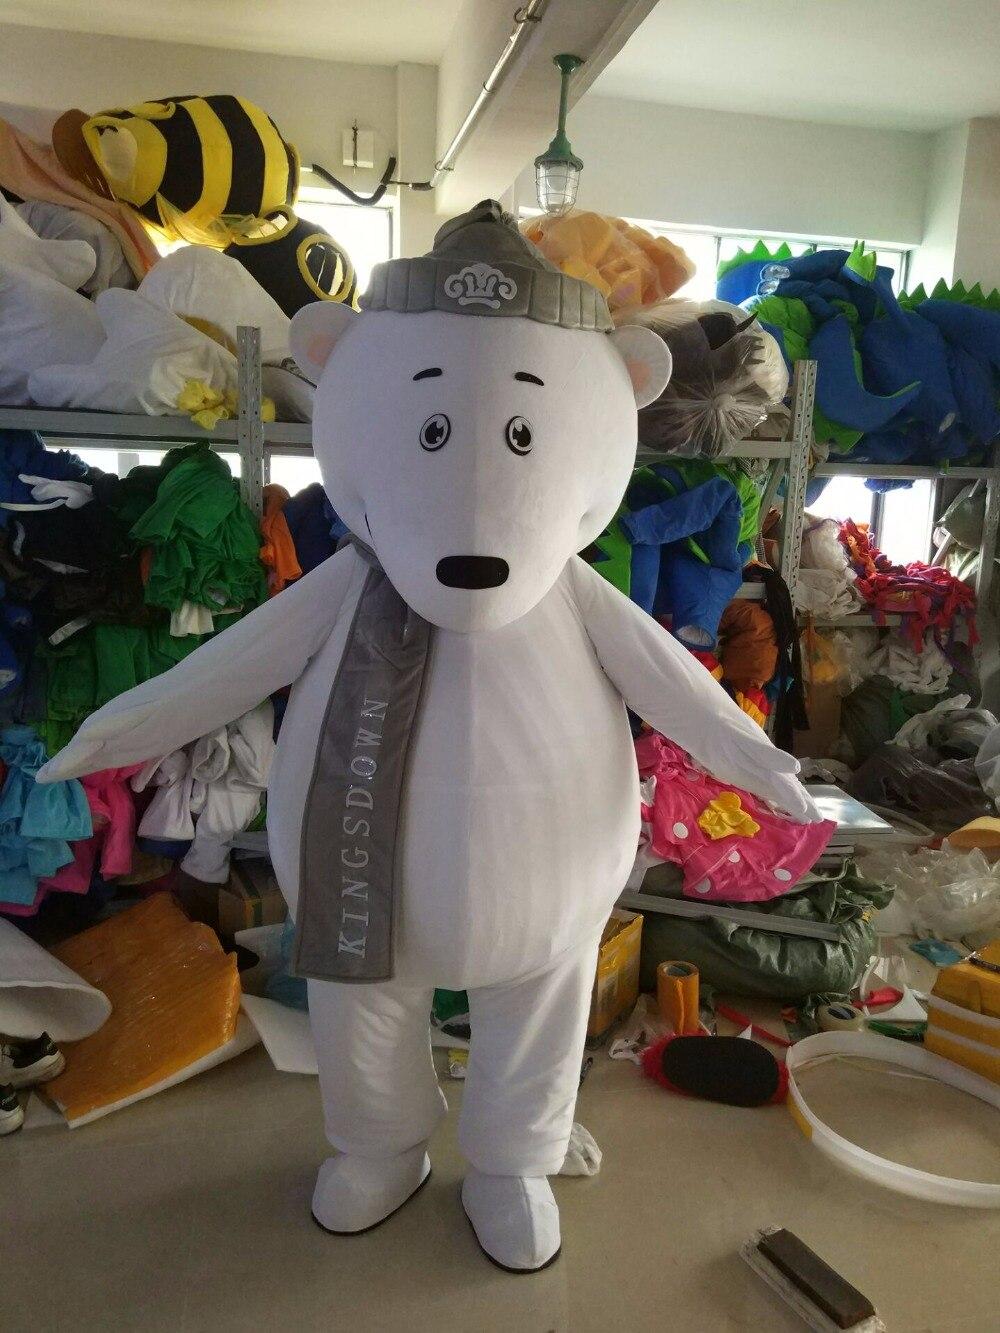 Costume de mascotte ours polaire blanc taille adulte pour fête d'halloween avec livraison gratuite